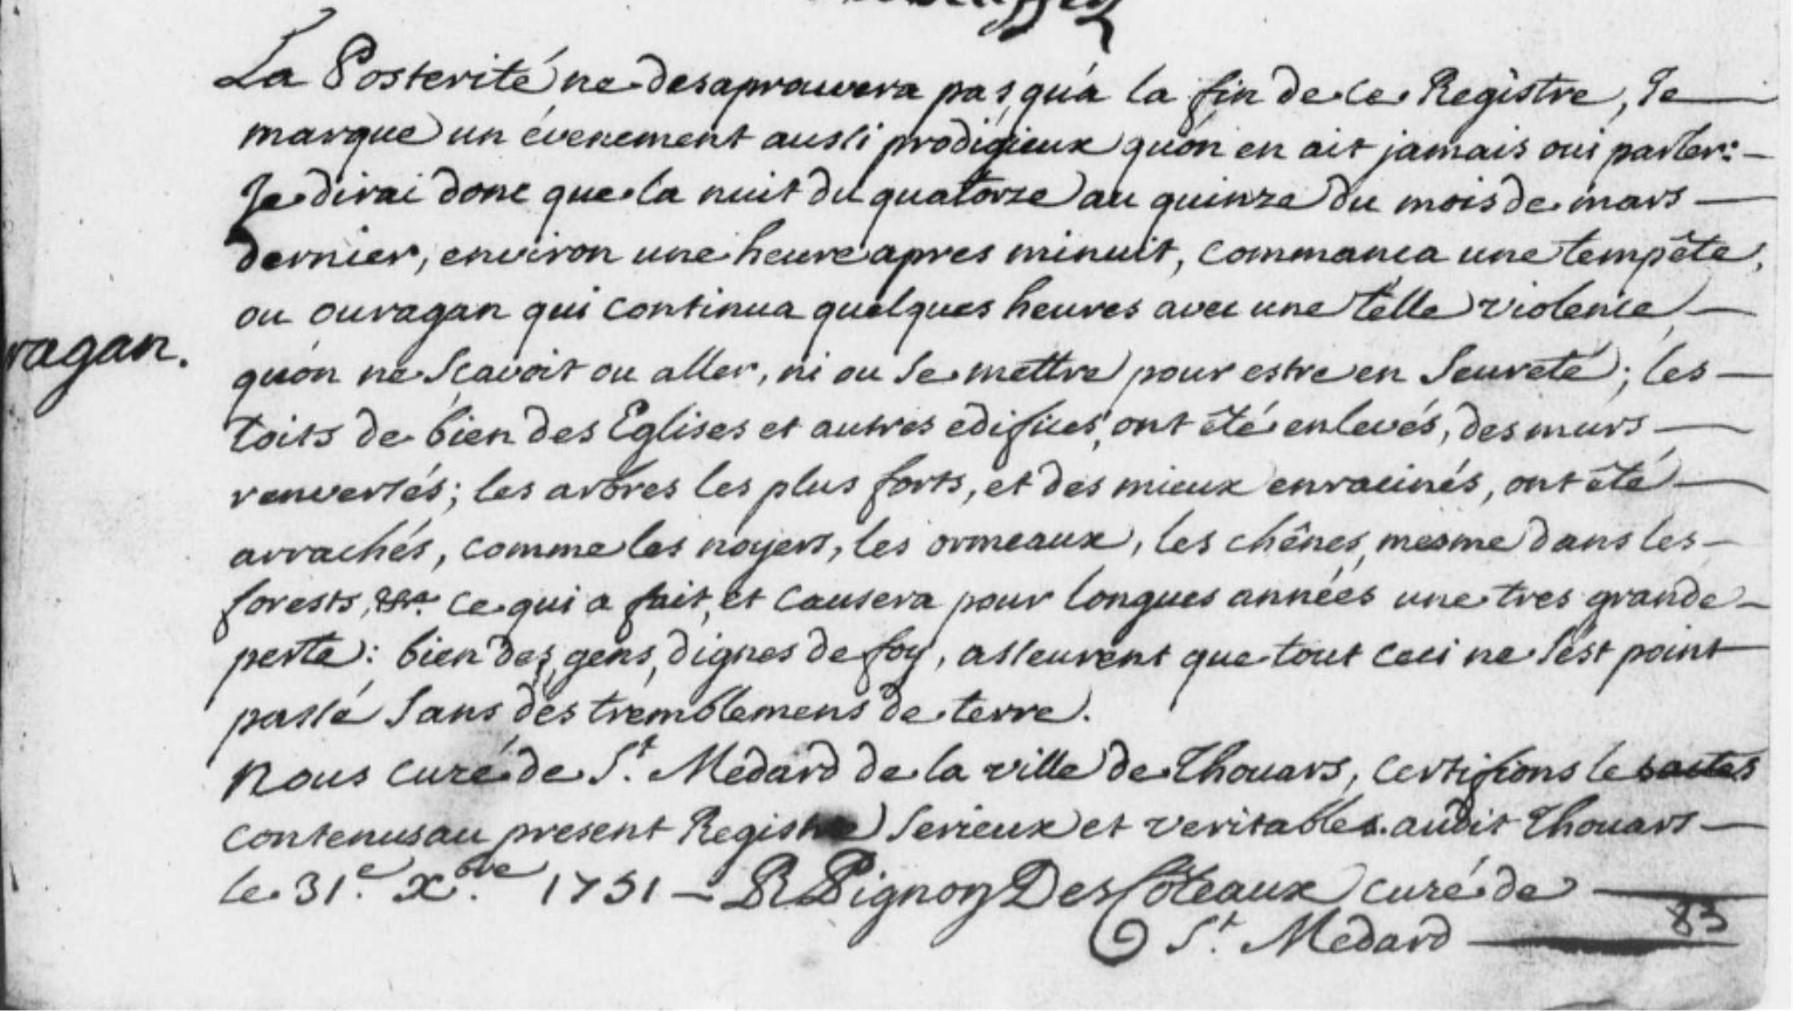 Ouragan à Thouars dans la nuit du 14 au 15 mars 1751